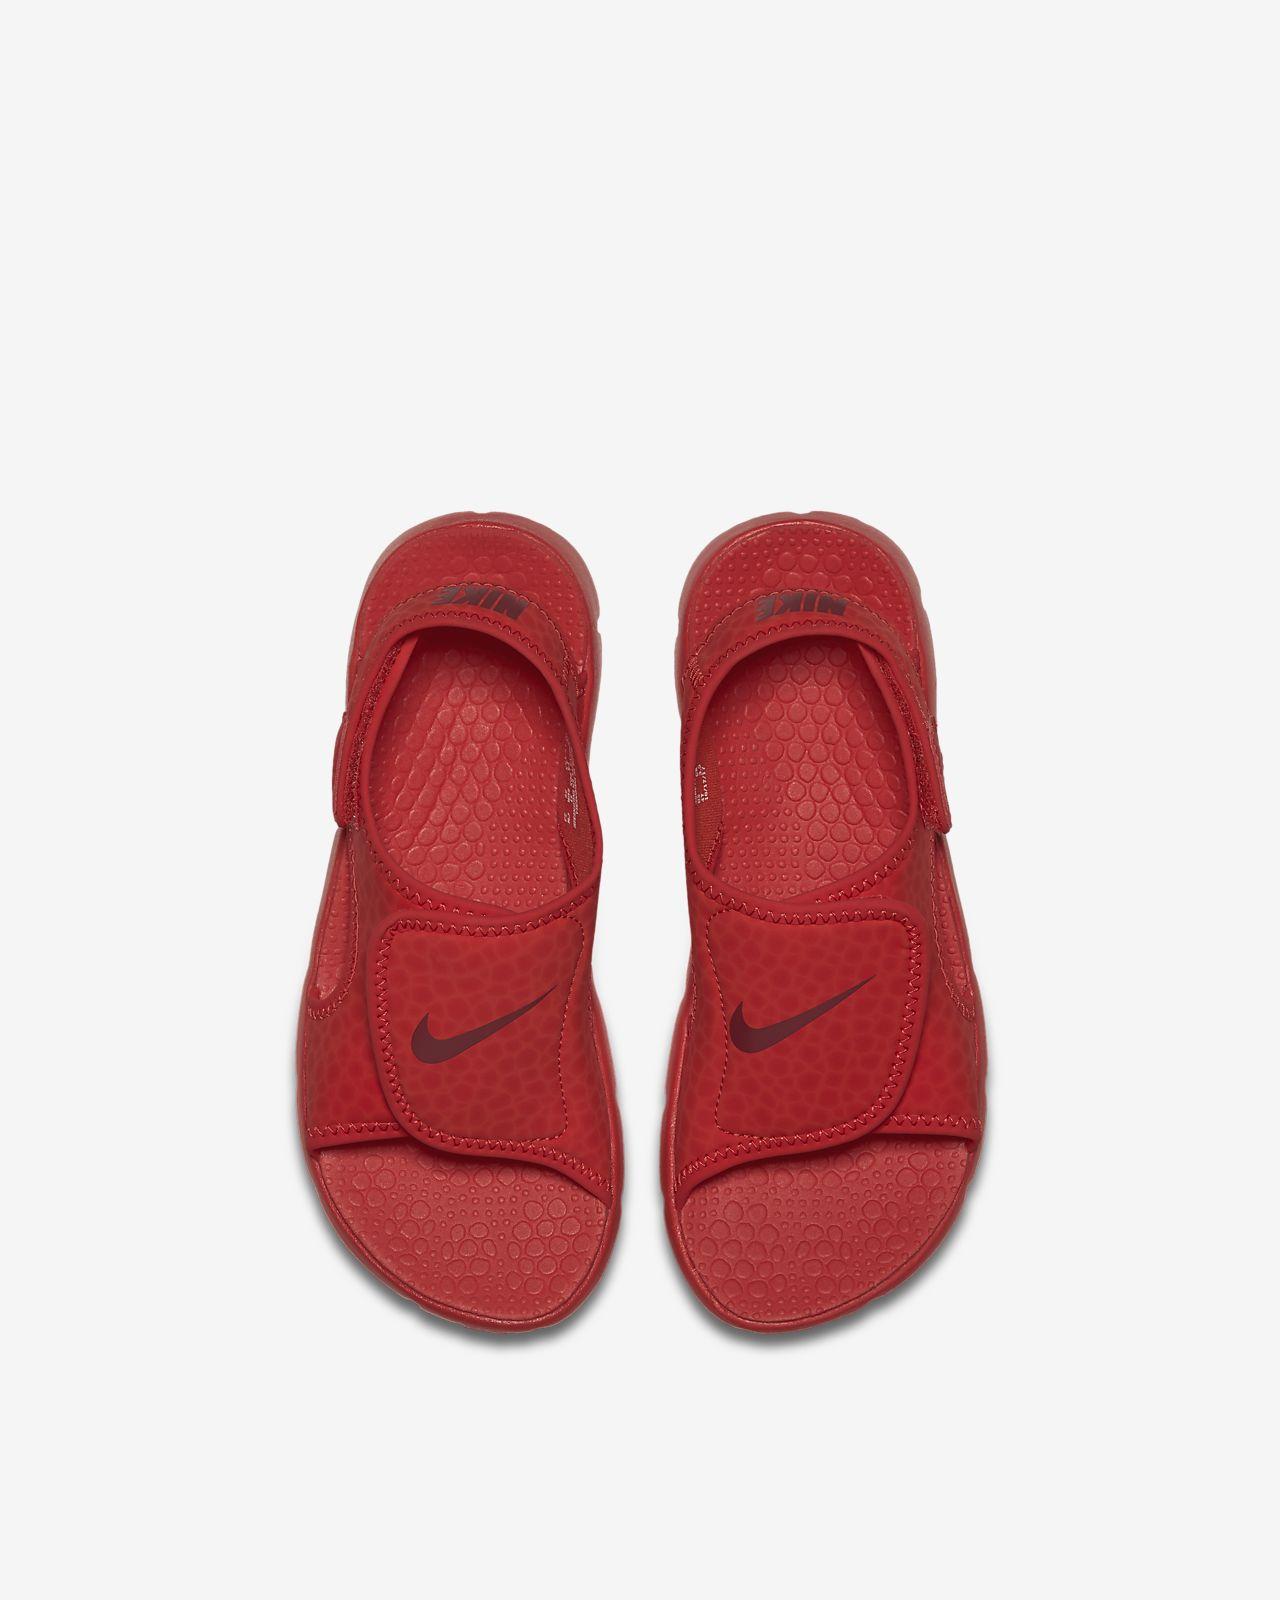 a6ef7470f489fb Nike Sunray Adjust 4 Younger Older Kids  Sandal. Nike.com AU